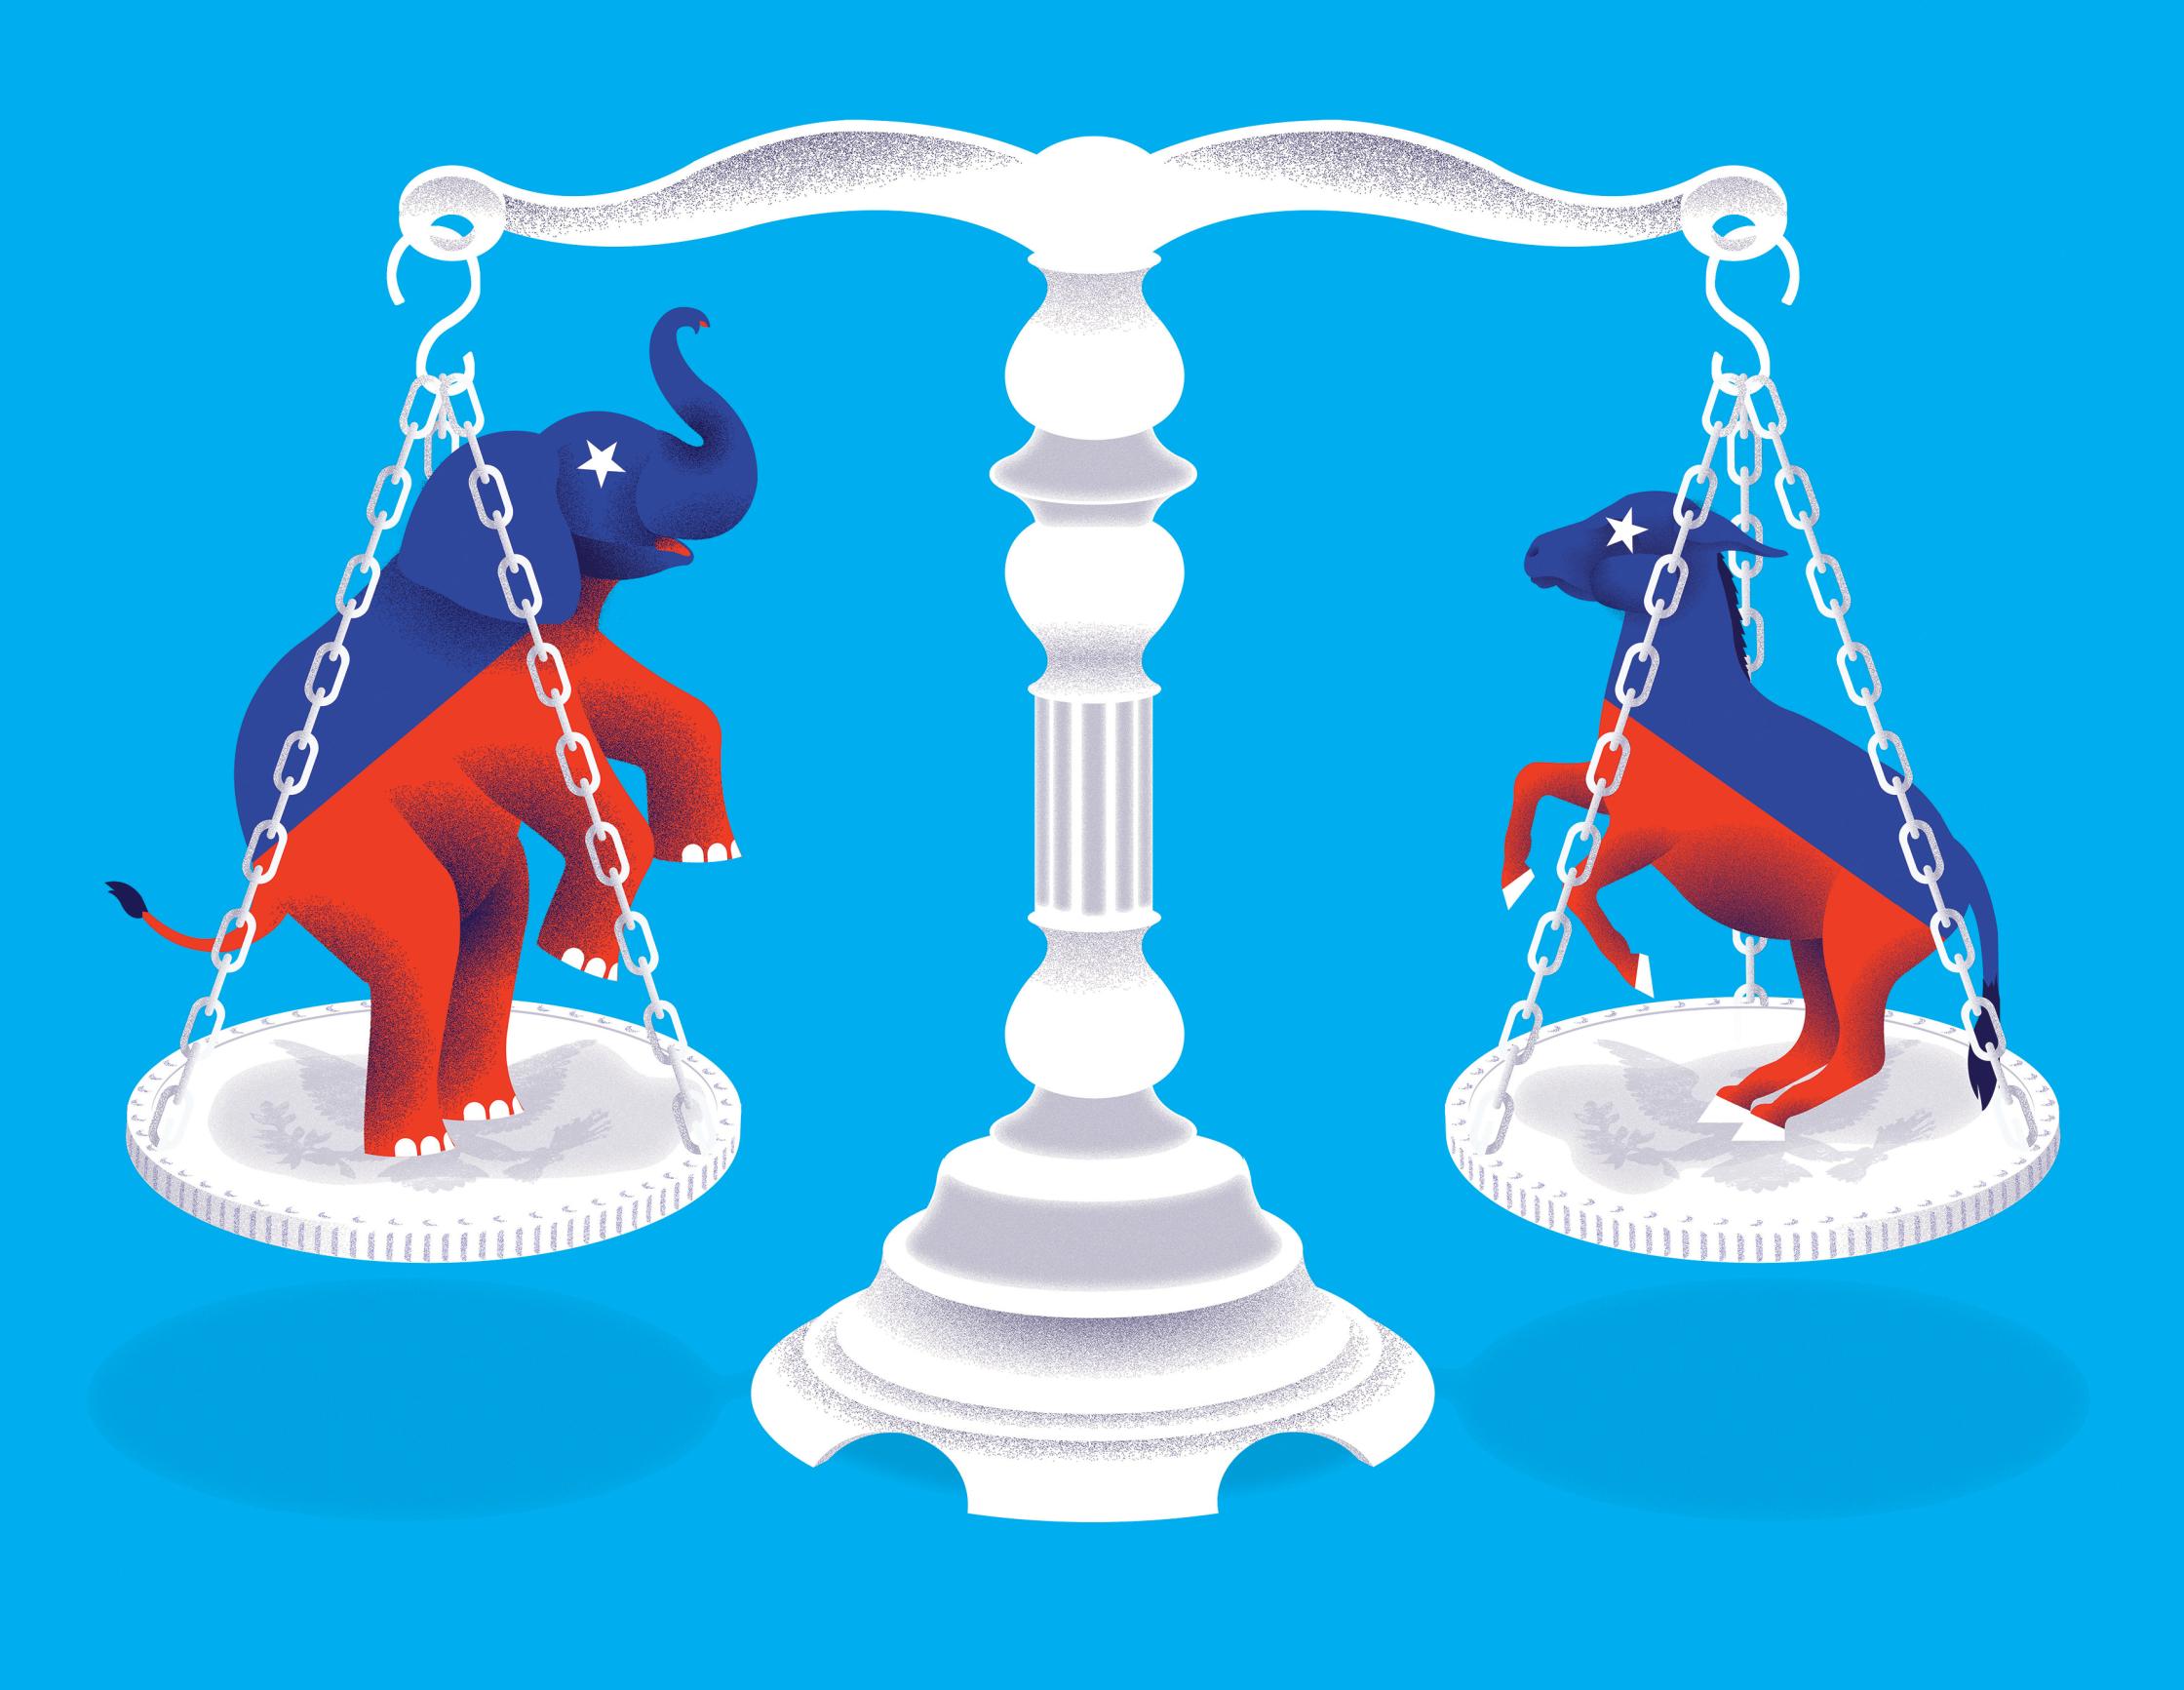 Kiplinger_Election and your money.jpg